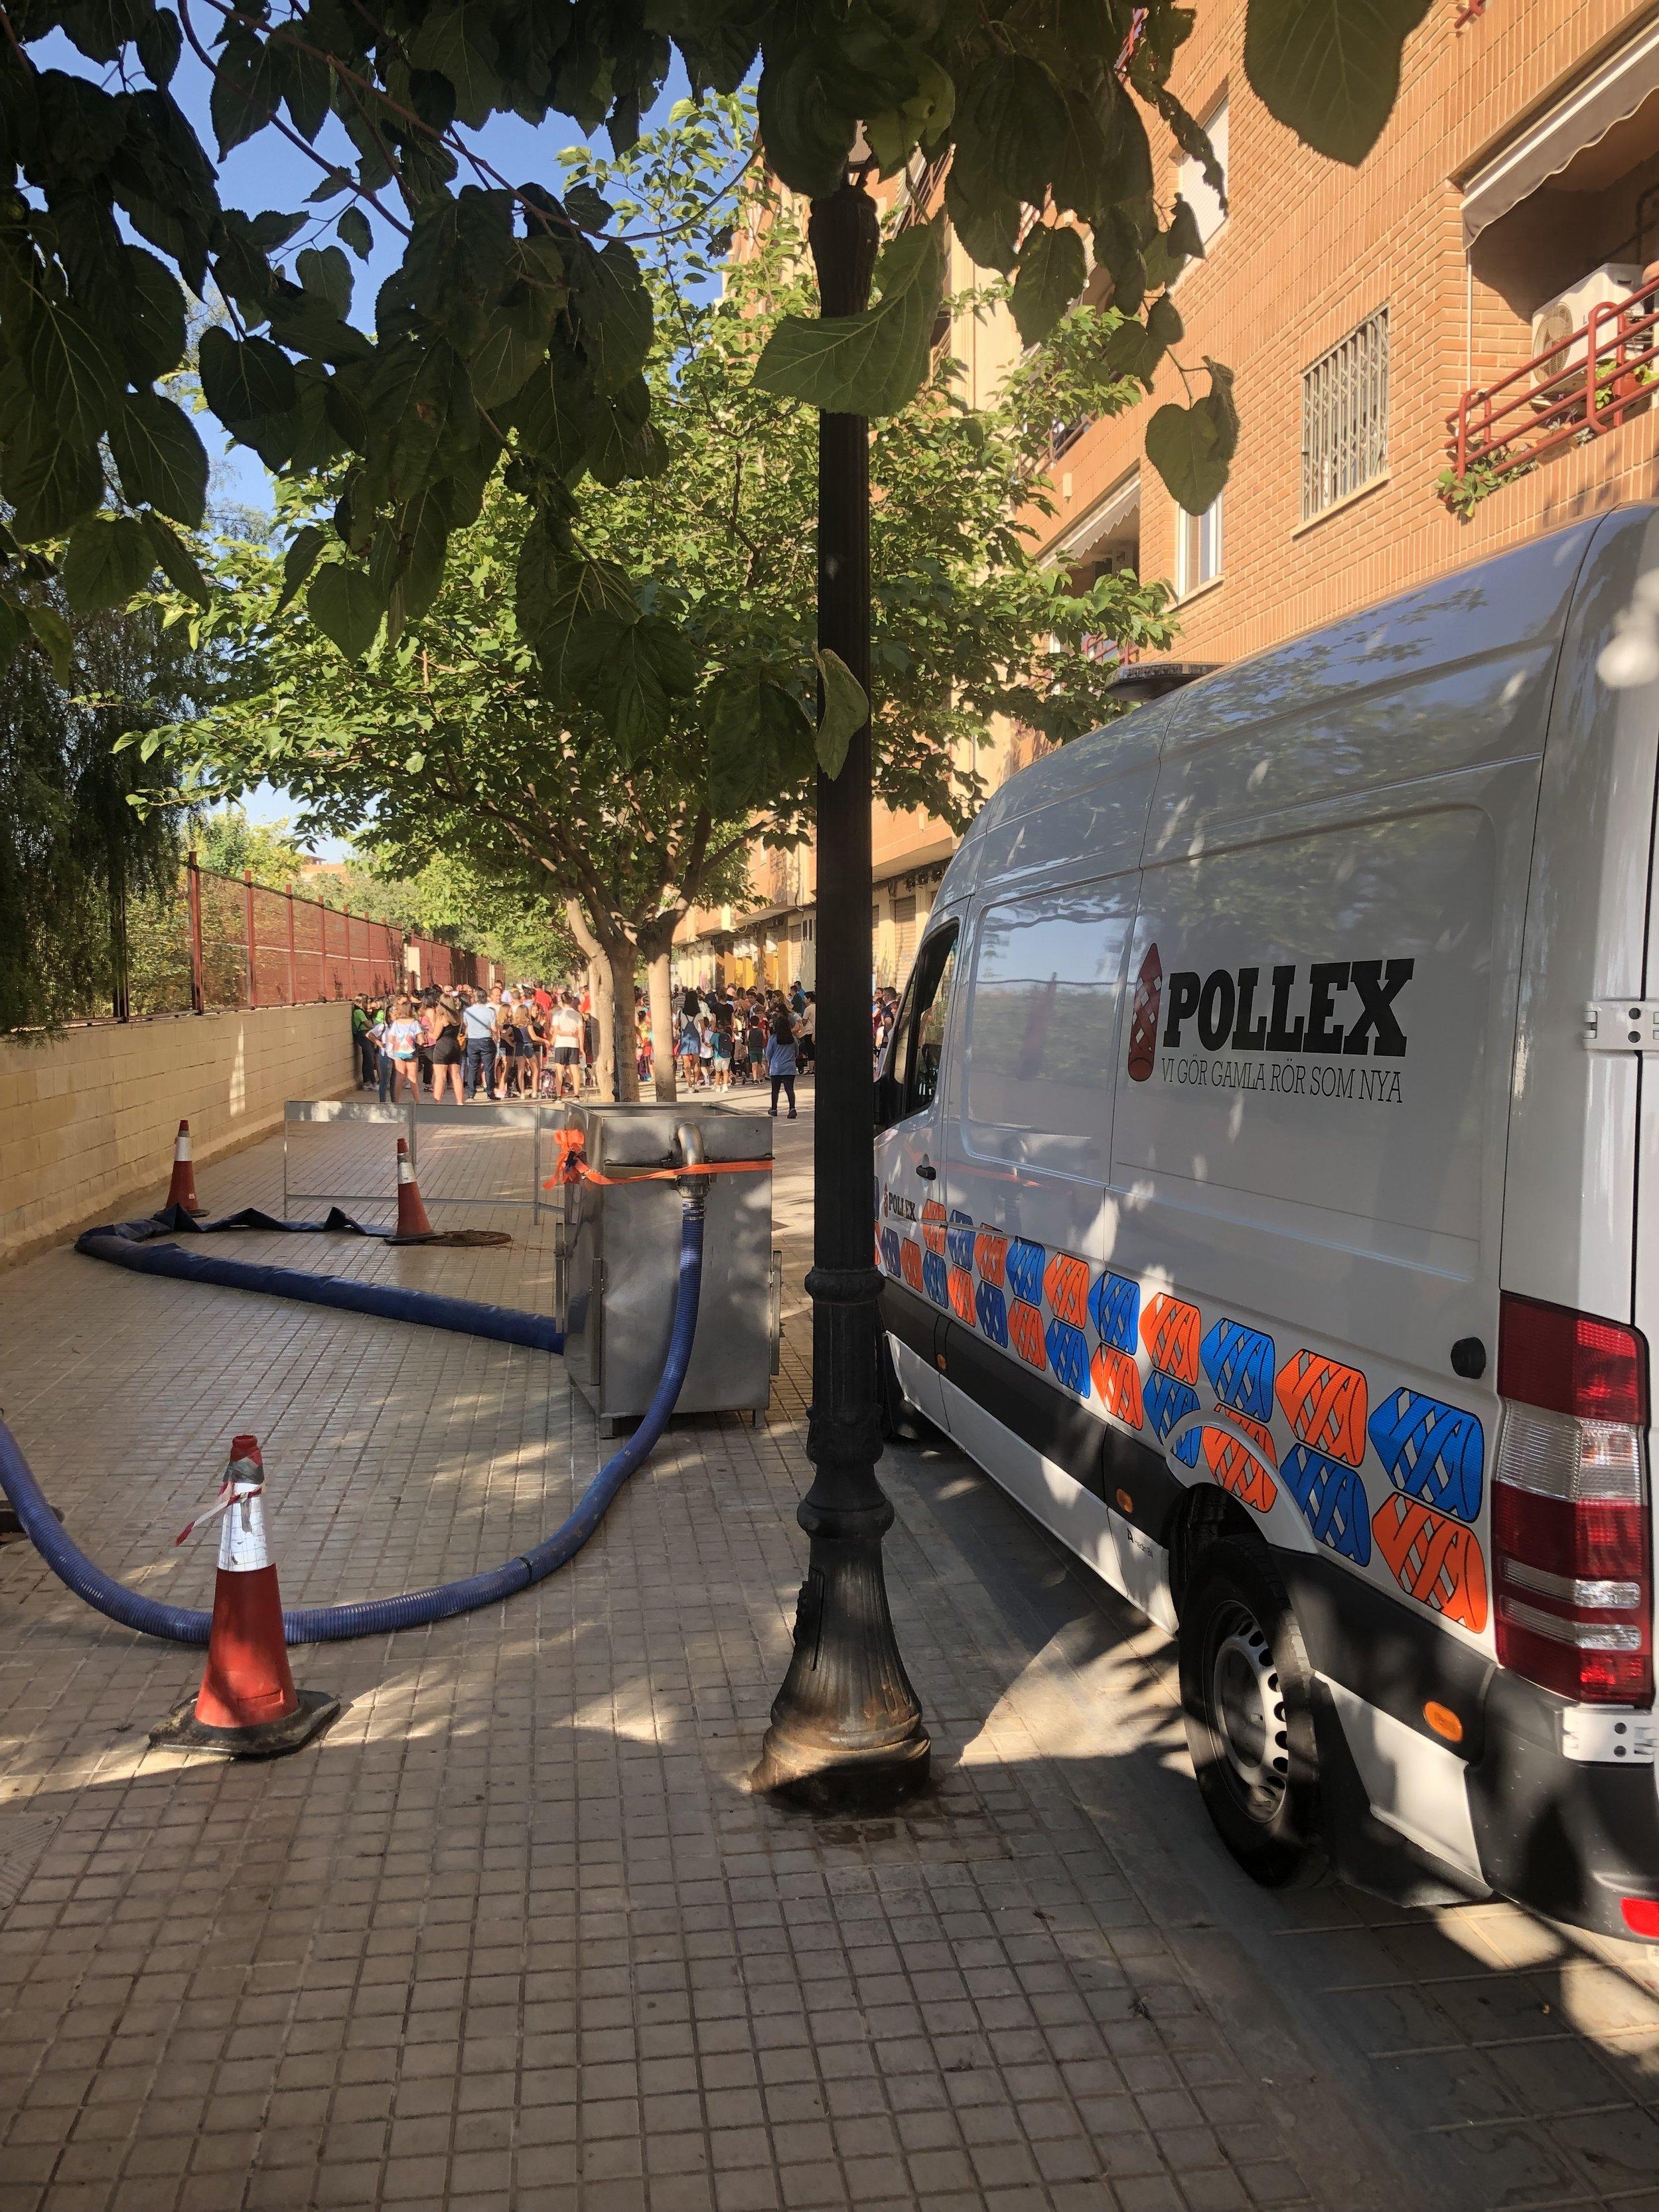 Pollex-LoV-Spanien-2019-9.jpg